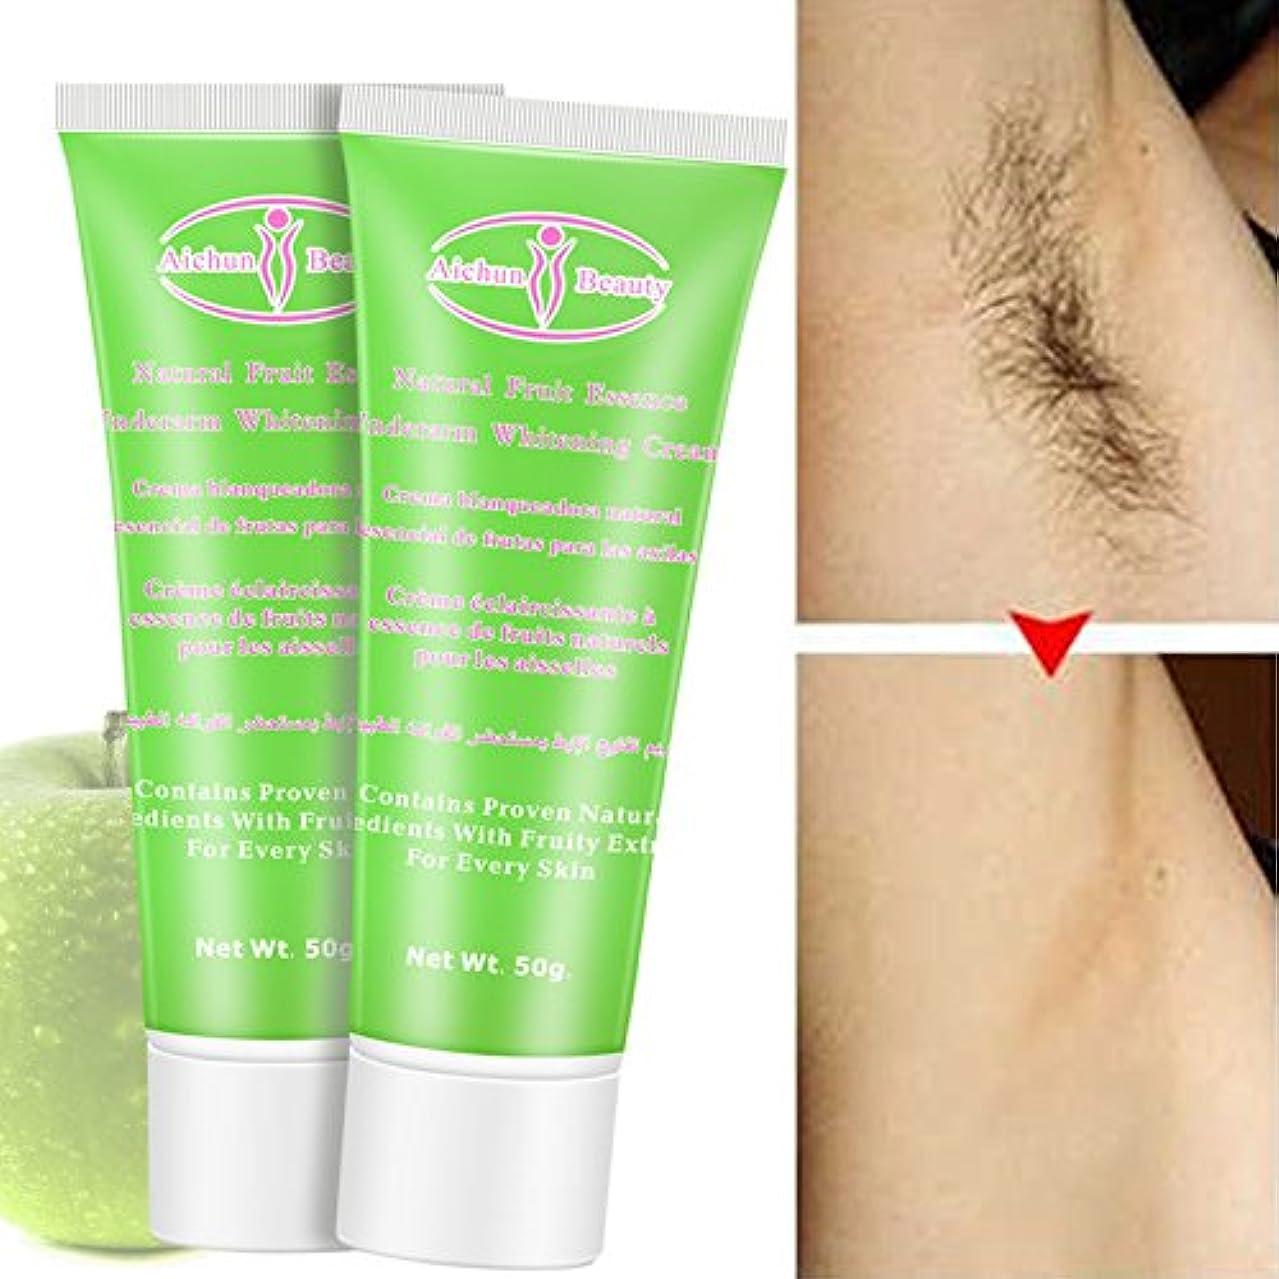 カーフ差し引く写真を描くMetermall 優しい成分保湿栄養白髪脱毛修復液クリーム